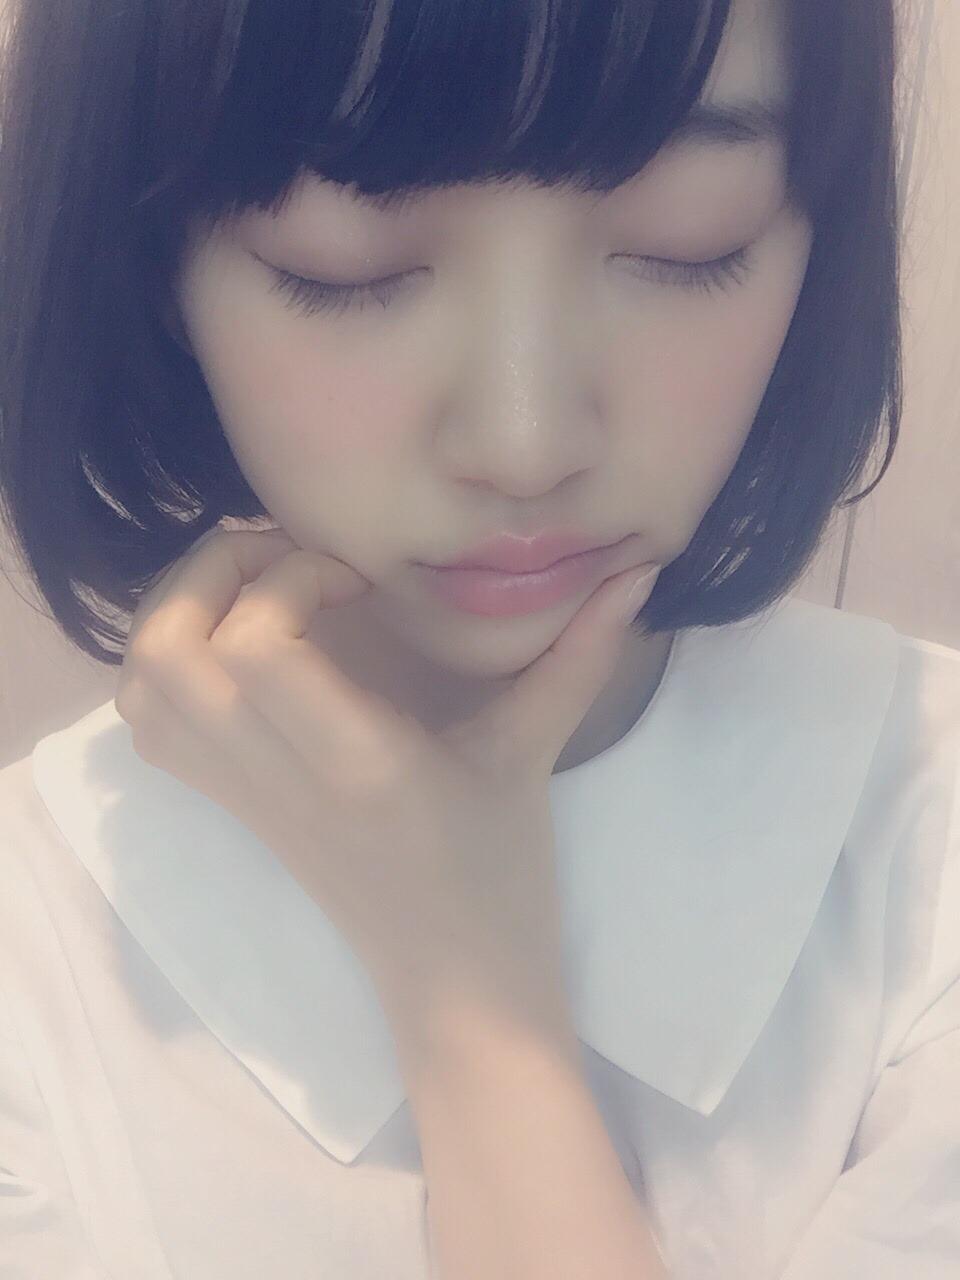 乃木坂46 堀未央奈 髪を切るショートボブ (8)